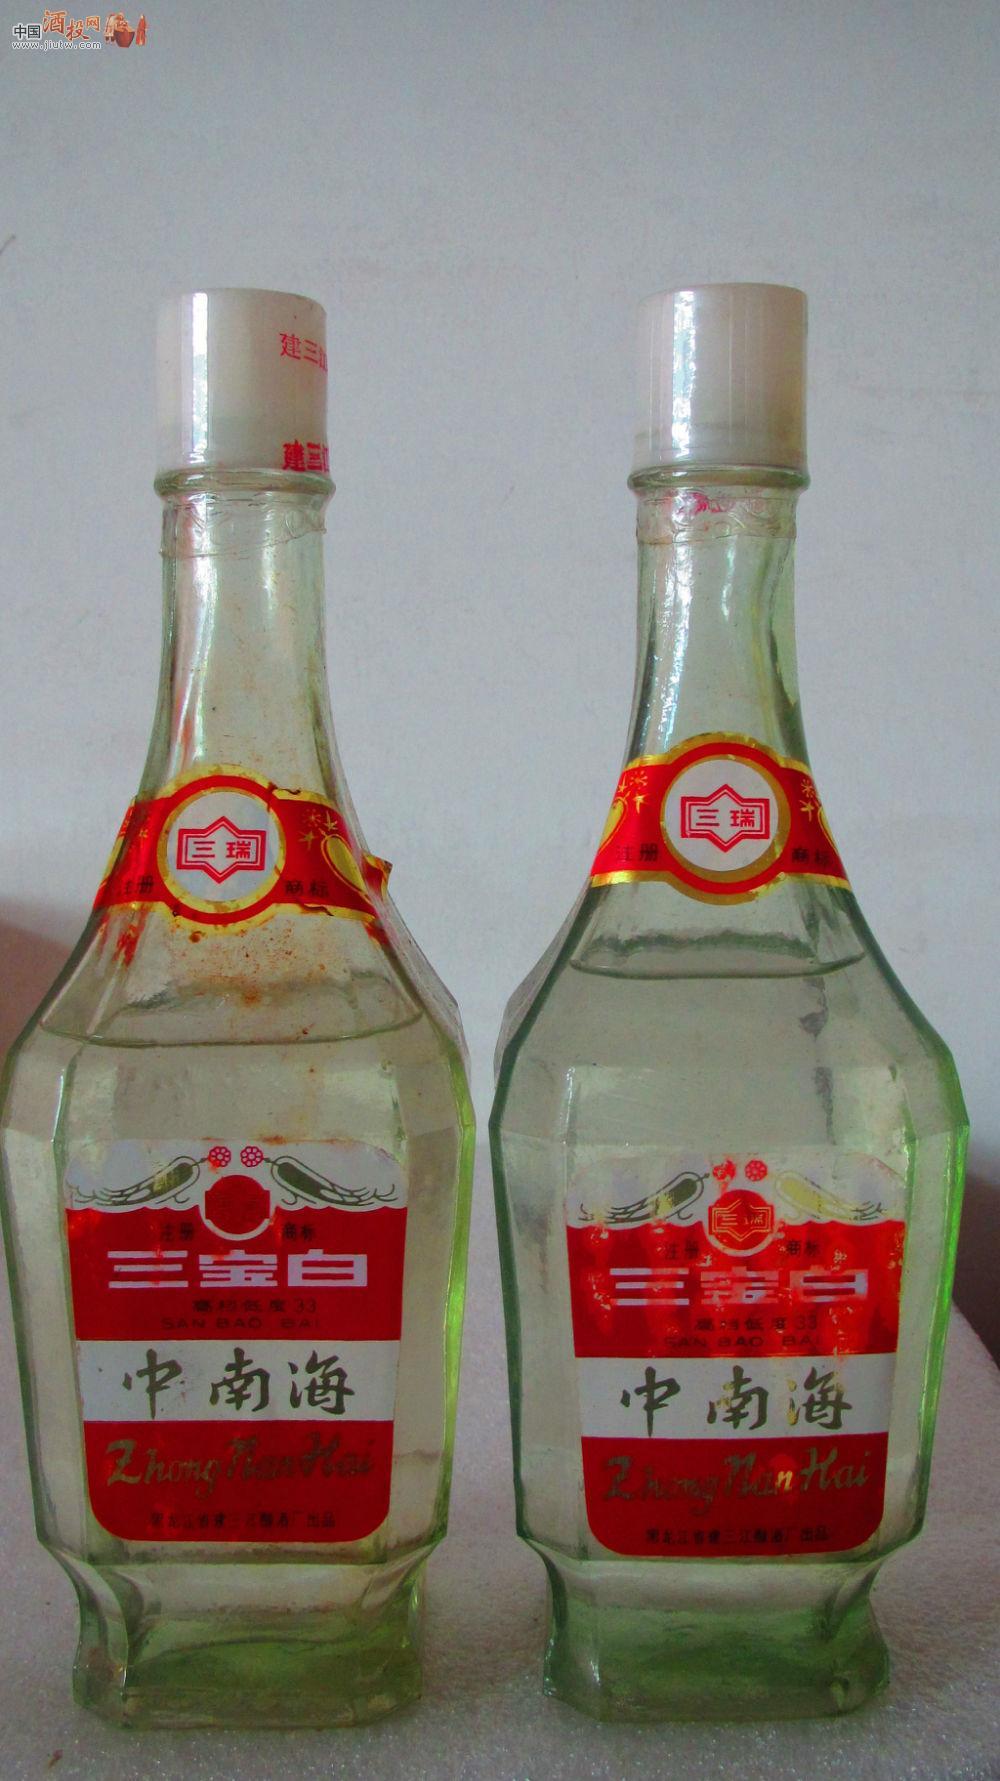 [已售]90年酒花超爆穿外衣专供中南海特酿【三宝白】酒